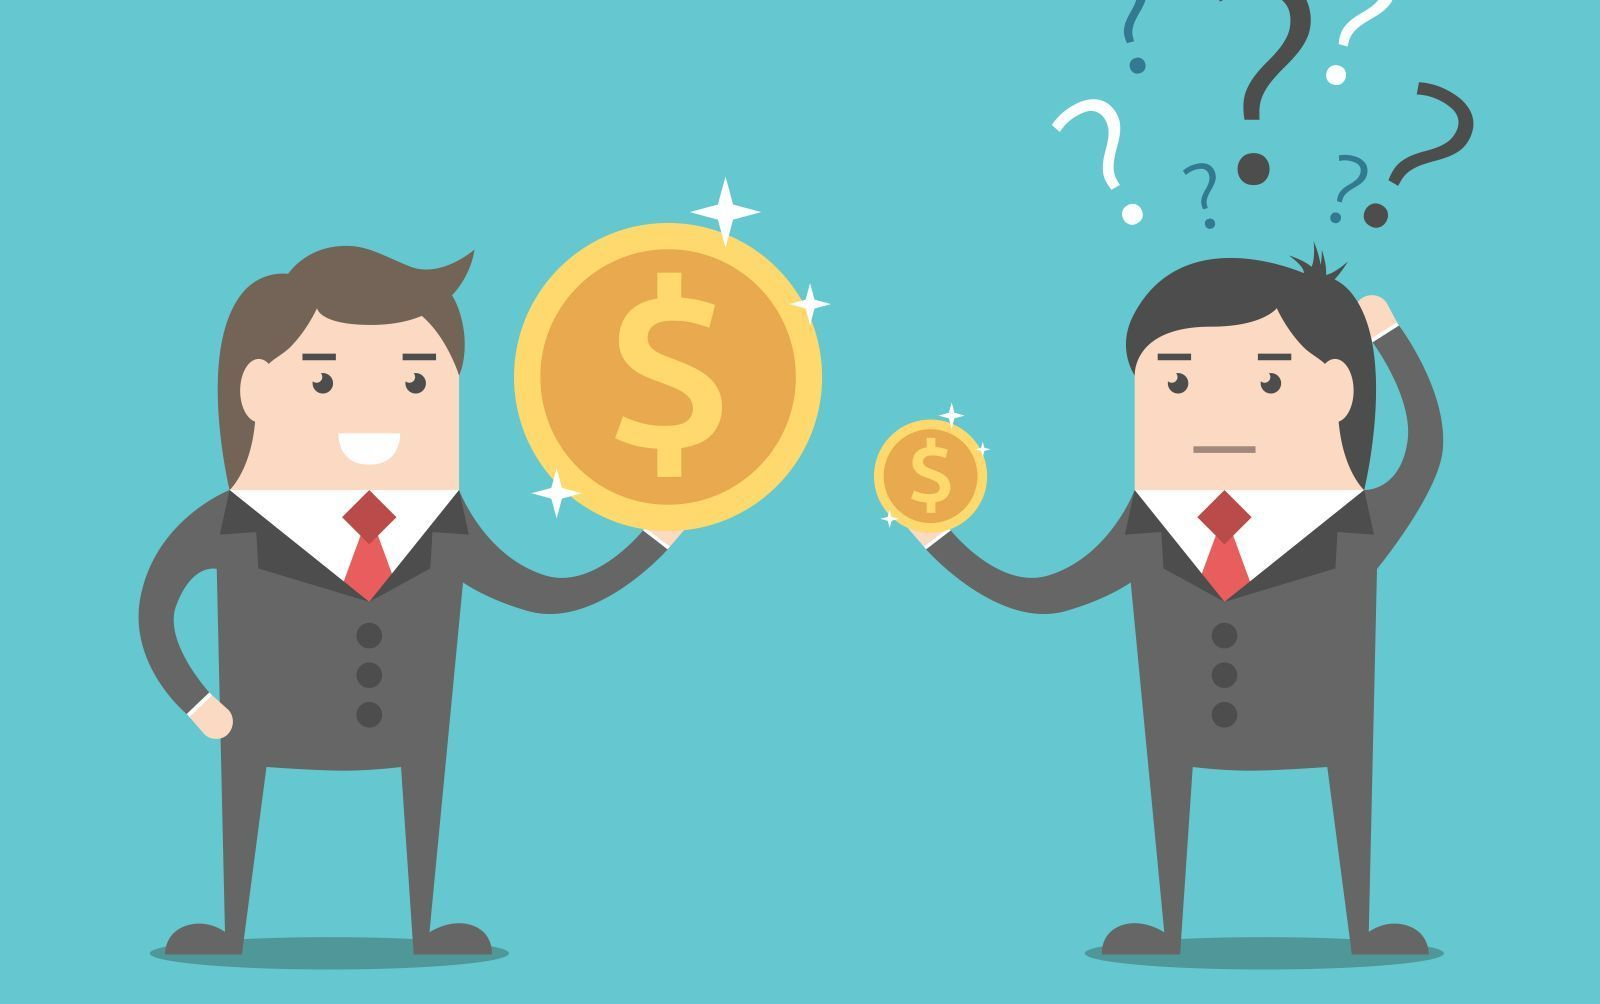 薪水不夠用?網友:工作簡單就別抱怨收入低